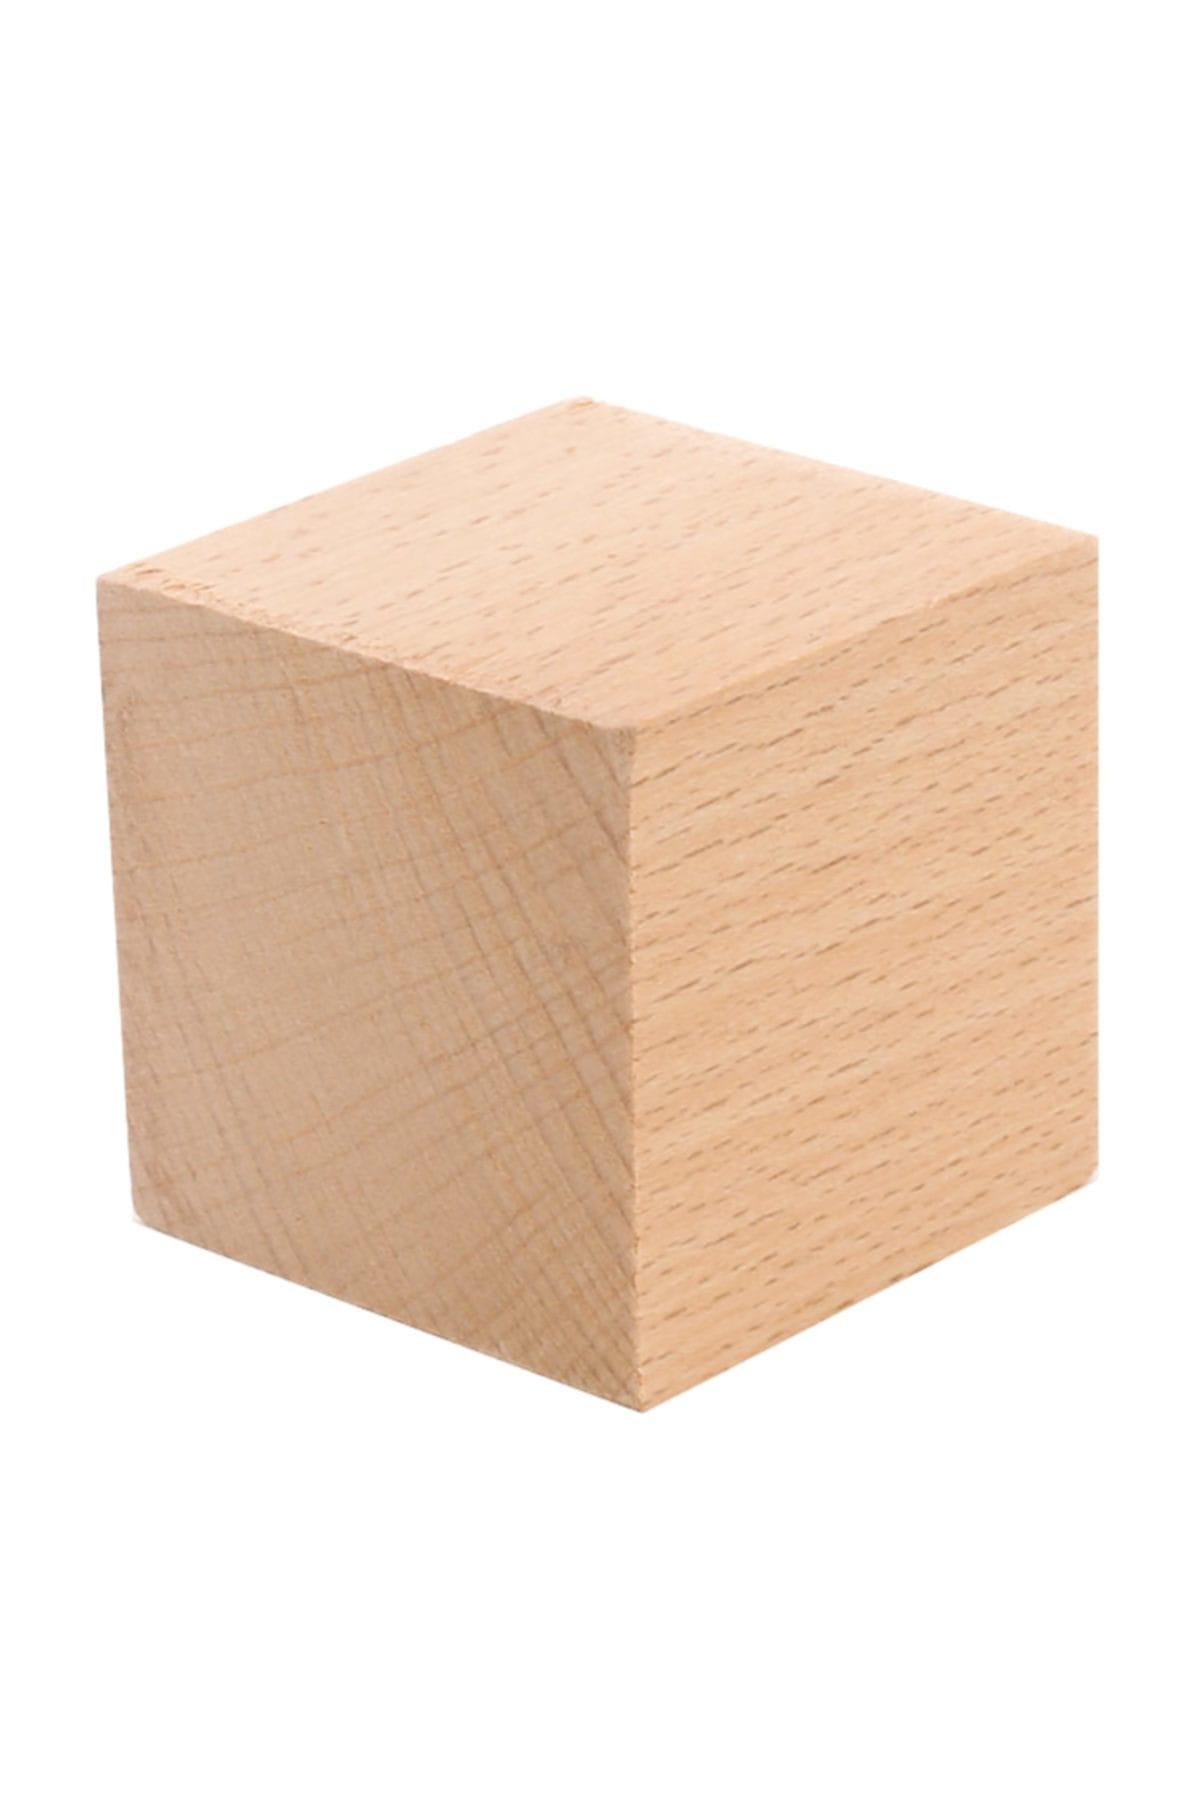 Hobi Dünya Doğal Ahşap Küp Blok 5 cm 3 adet 1